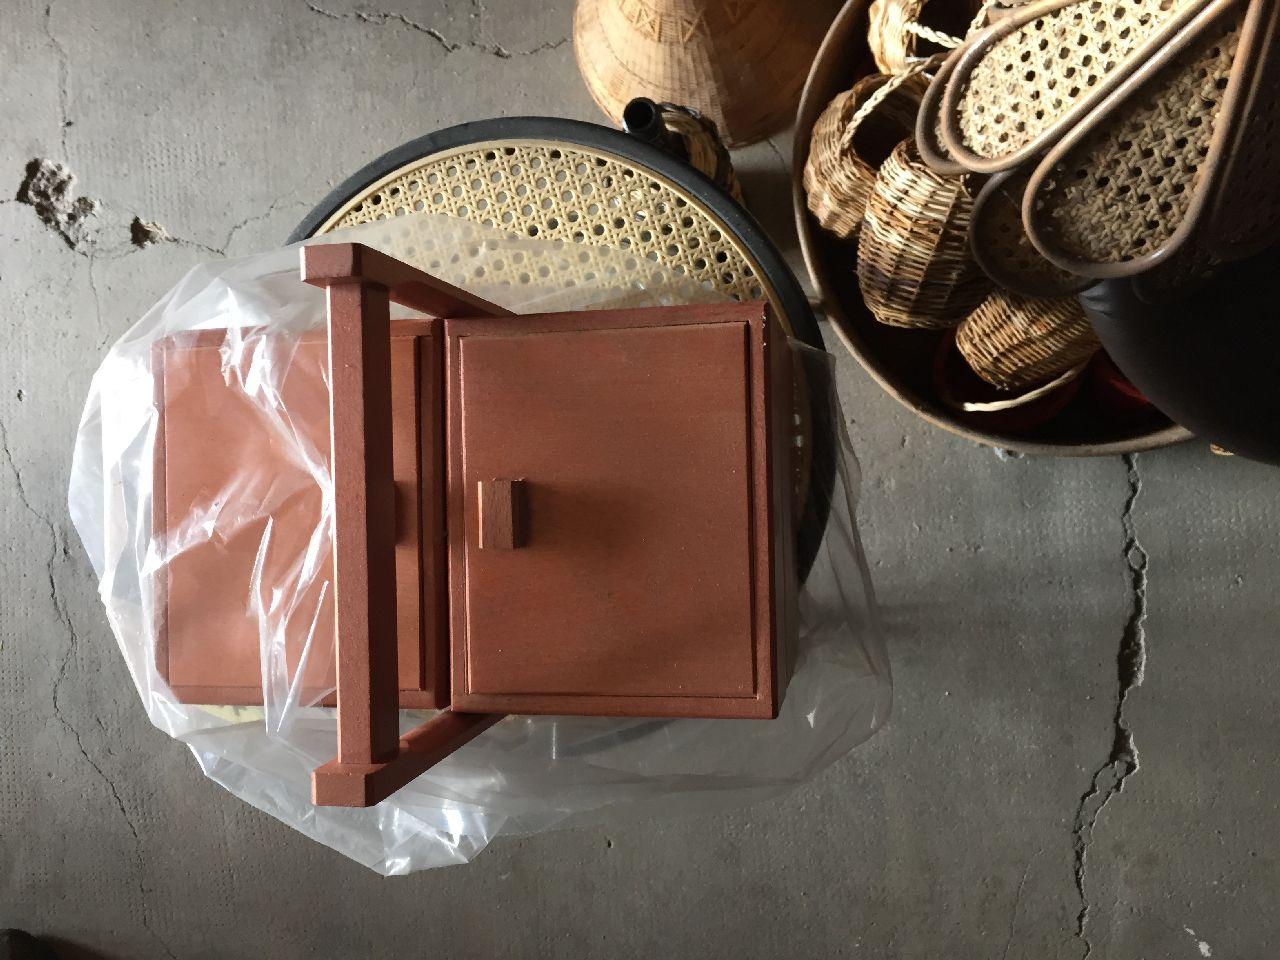 N.1 porta piante in vimini n.18 cestini piccoli n.1 sgabellino in